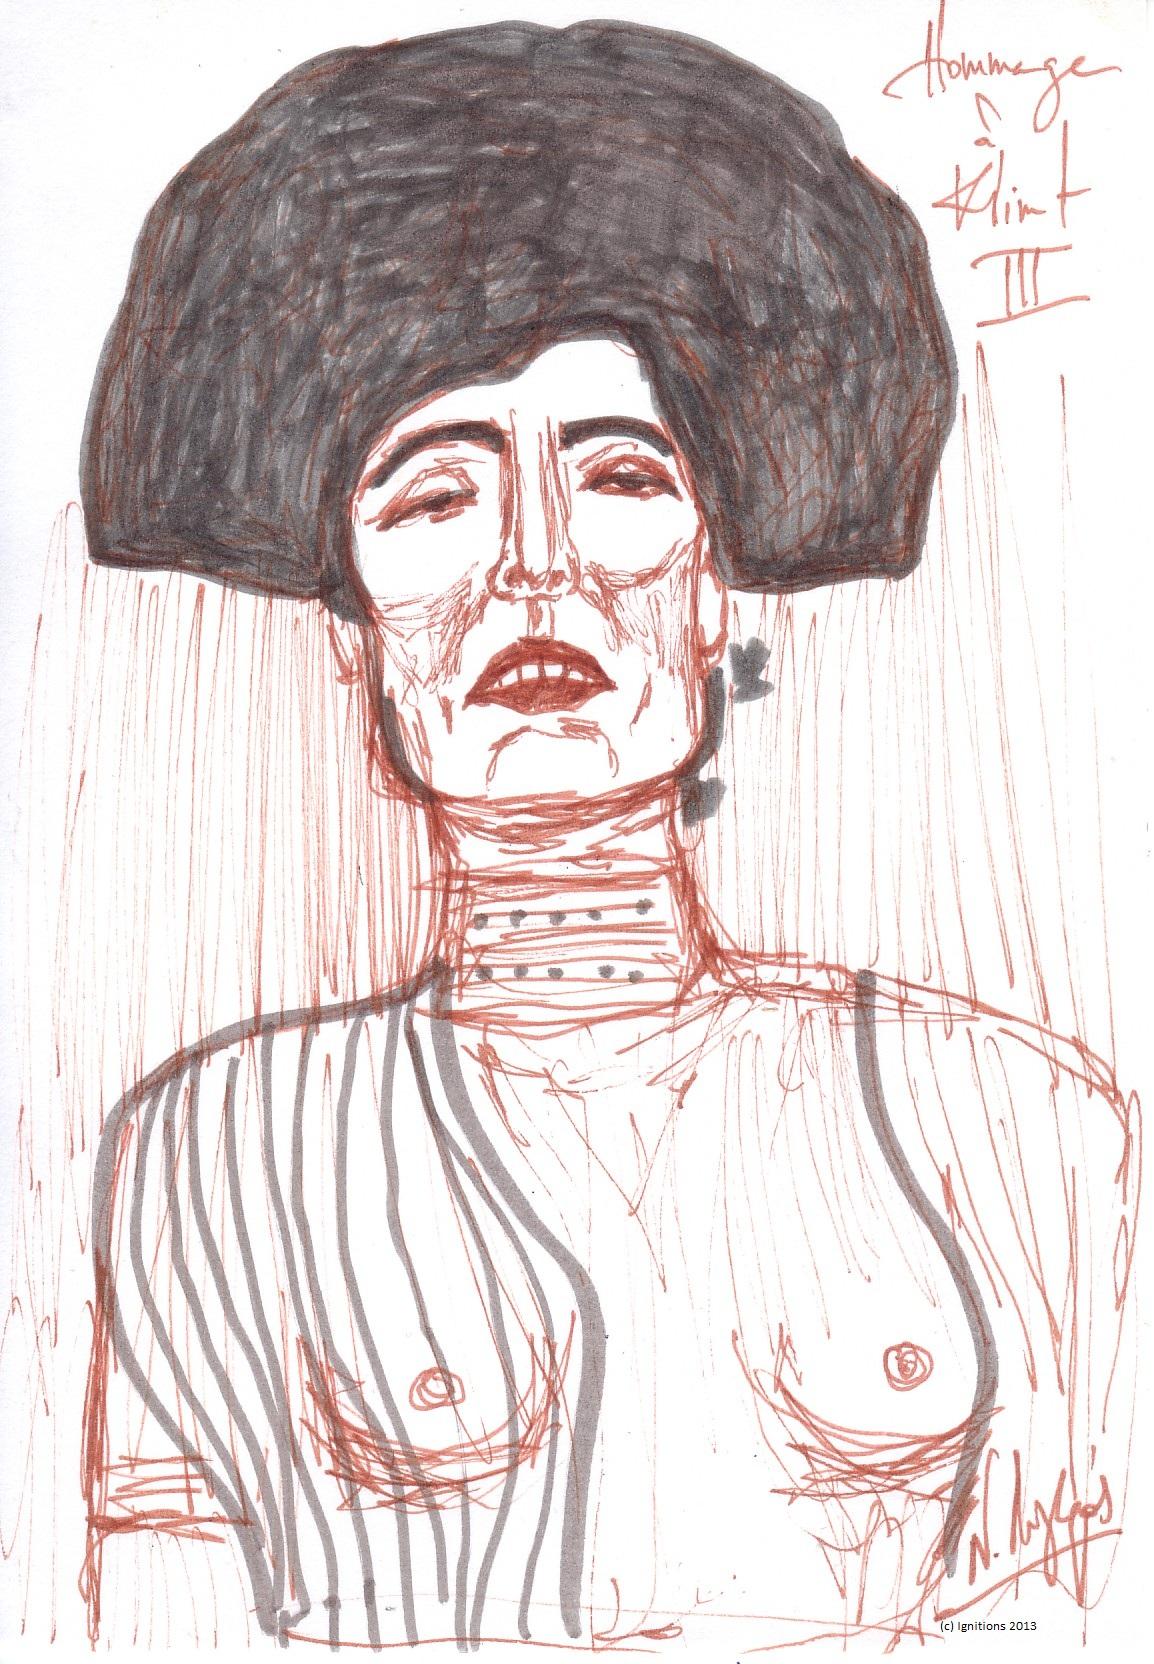 Hommage à Klimt III. (Sanguine sur papier Canson extra blanc, grain adouci 14.8x21, A5).